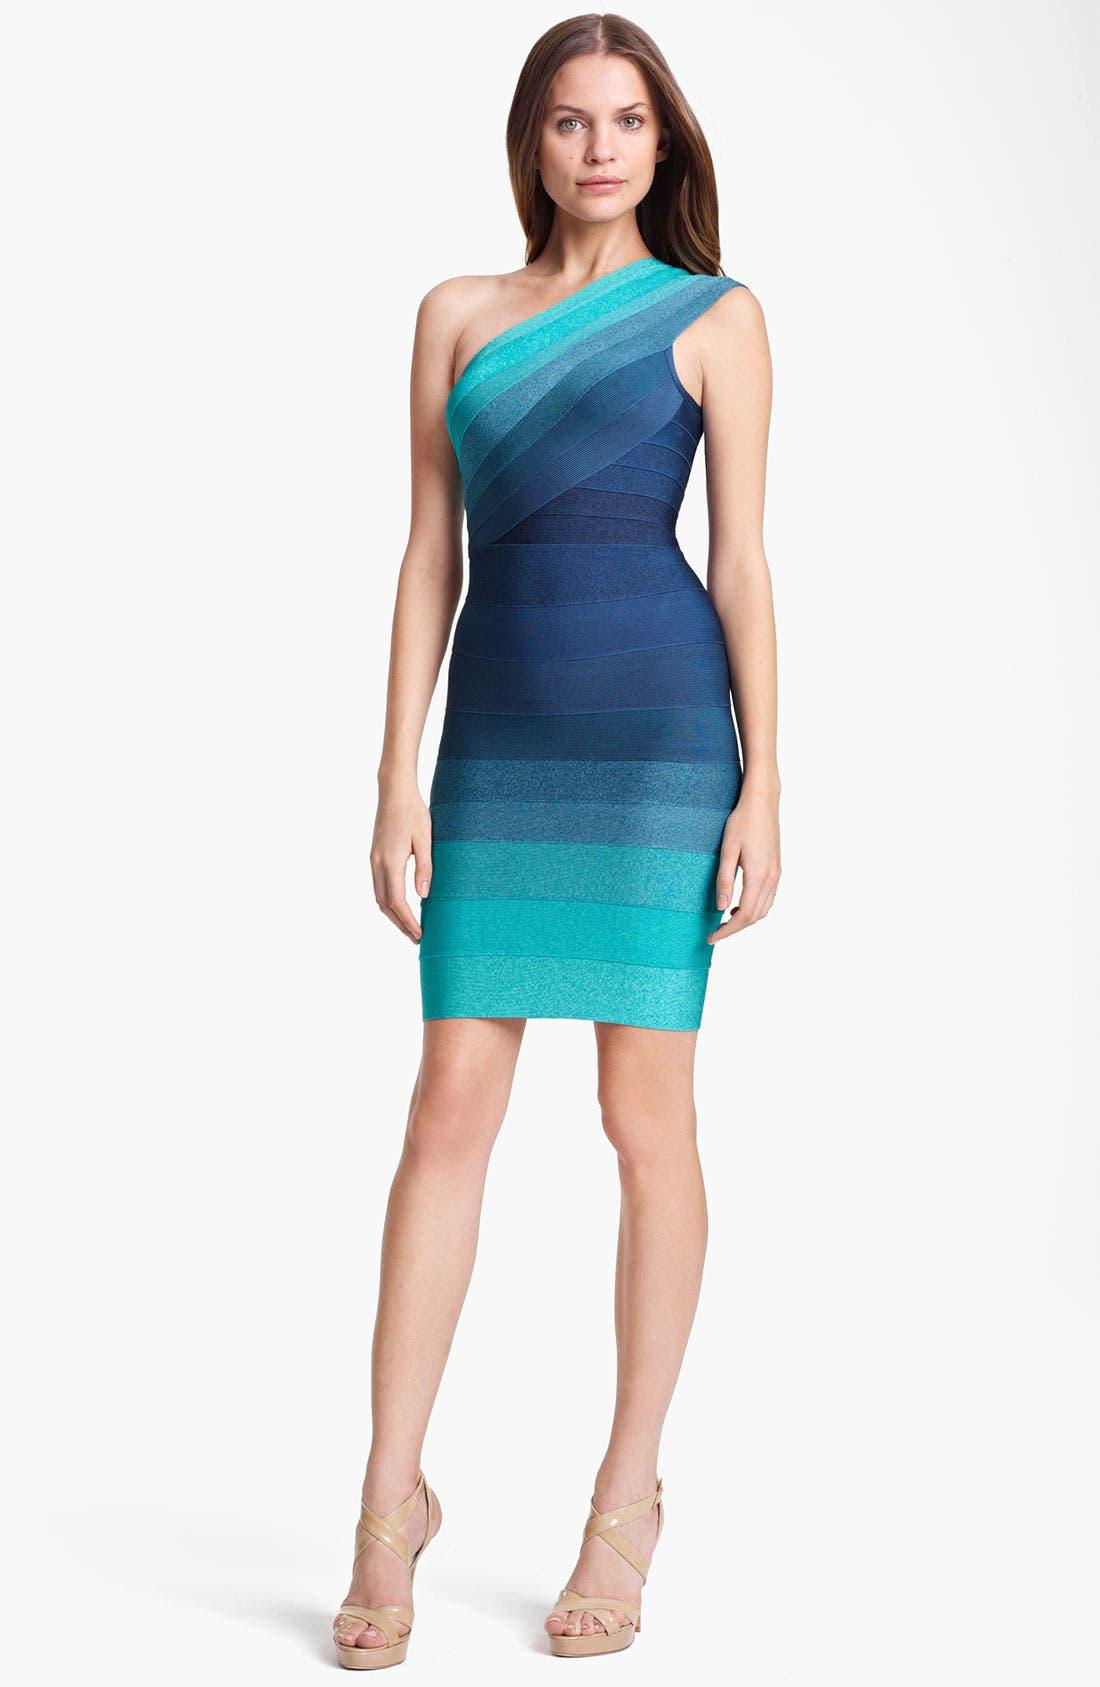 Alternate Image 1 Selected - Herve Leger Ombré One Shoulder Dress